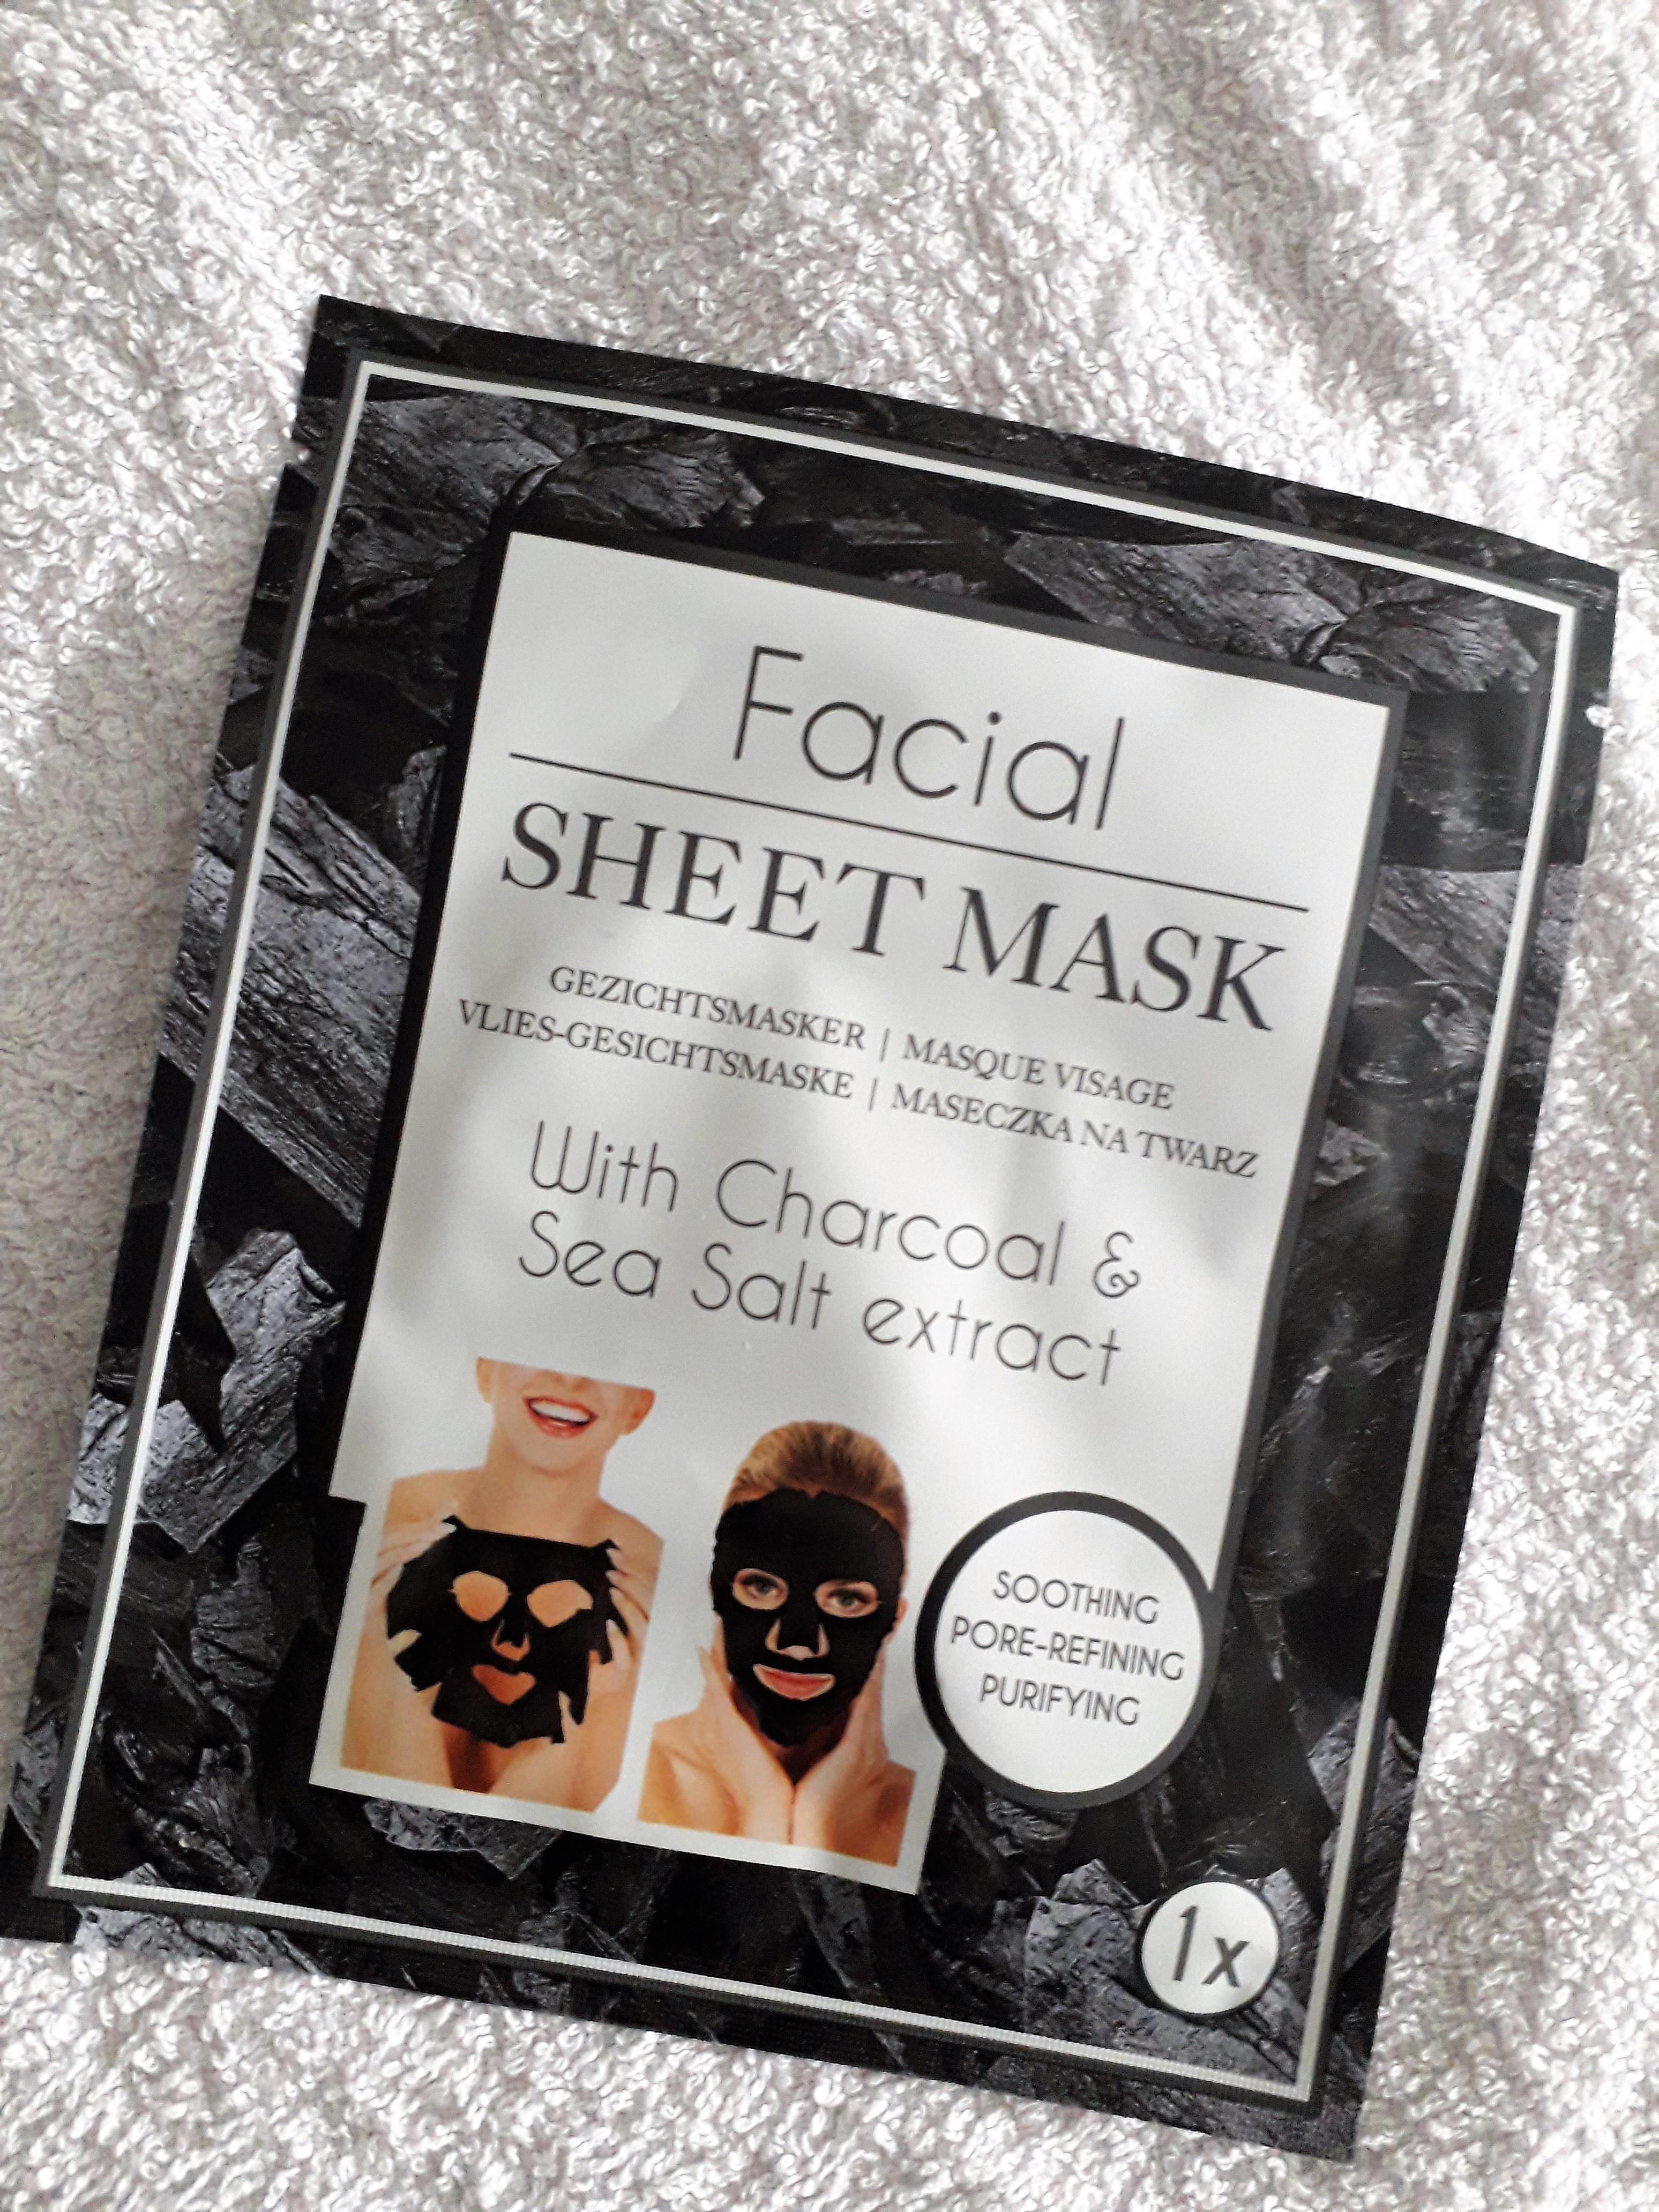 Facial sheet mask with charcoal & sea salt extract van de Action